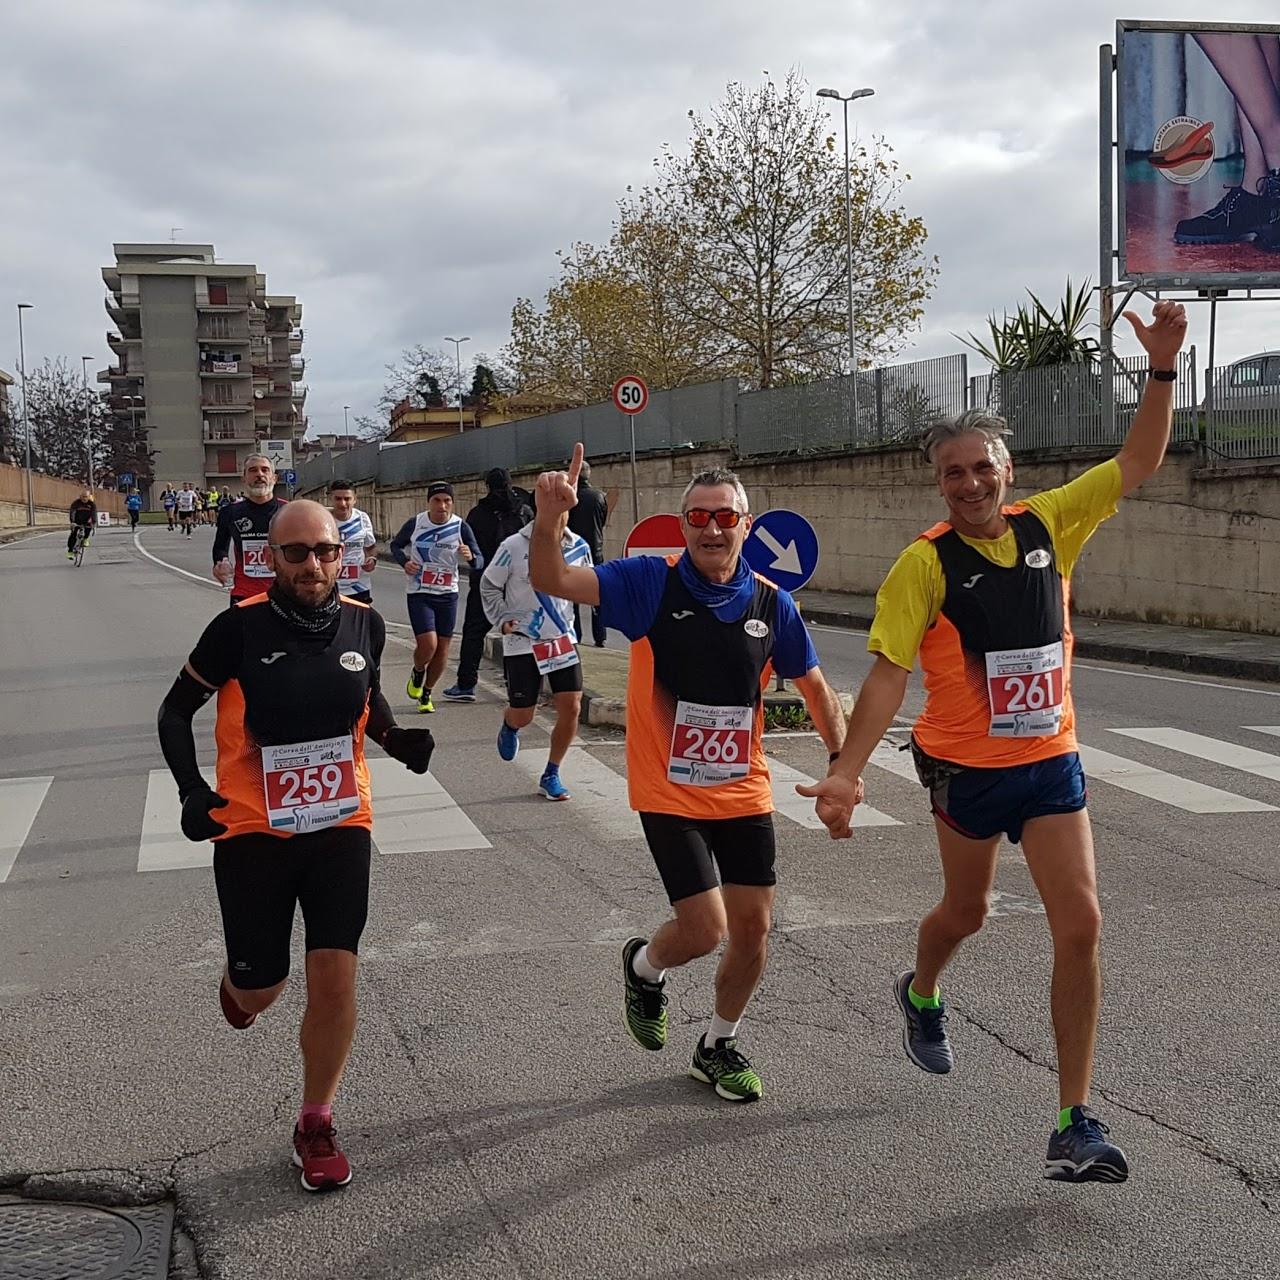 Sele Marathon Corsa dell'Amicizia